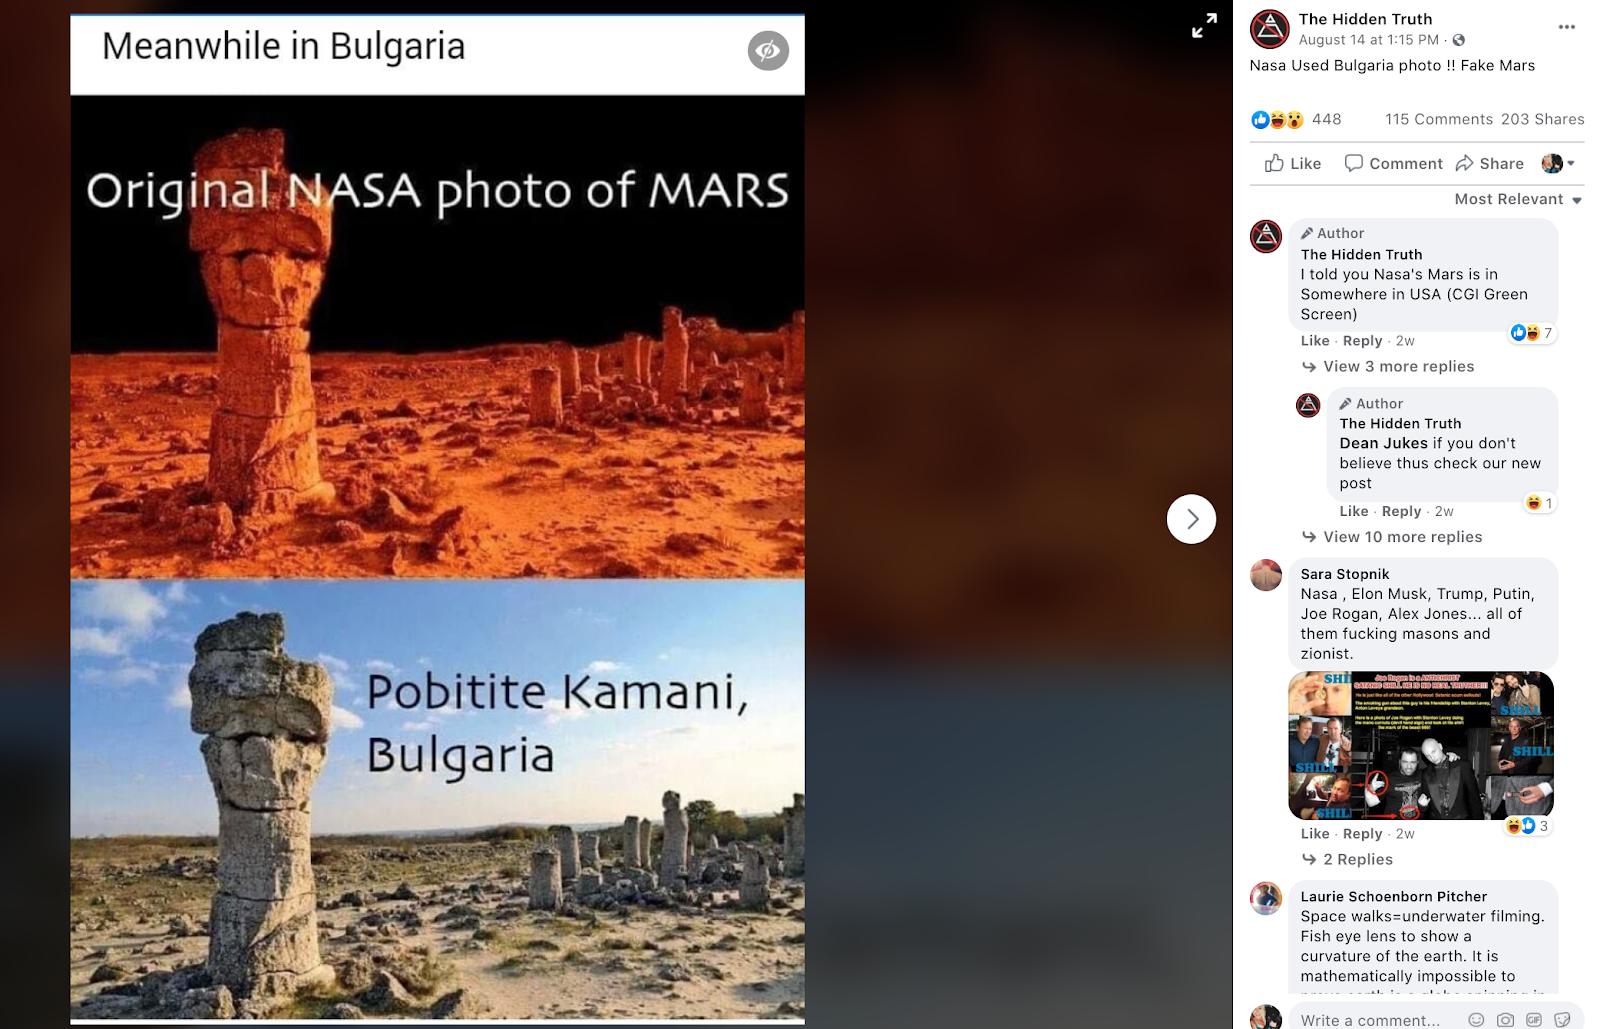 NASA Didn't Use Fake Mars Photo | Fact Check | Misbar